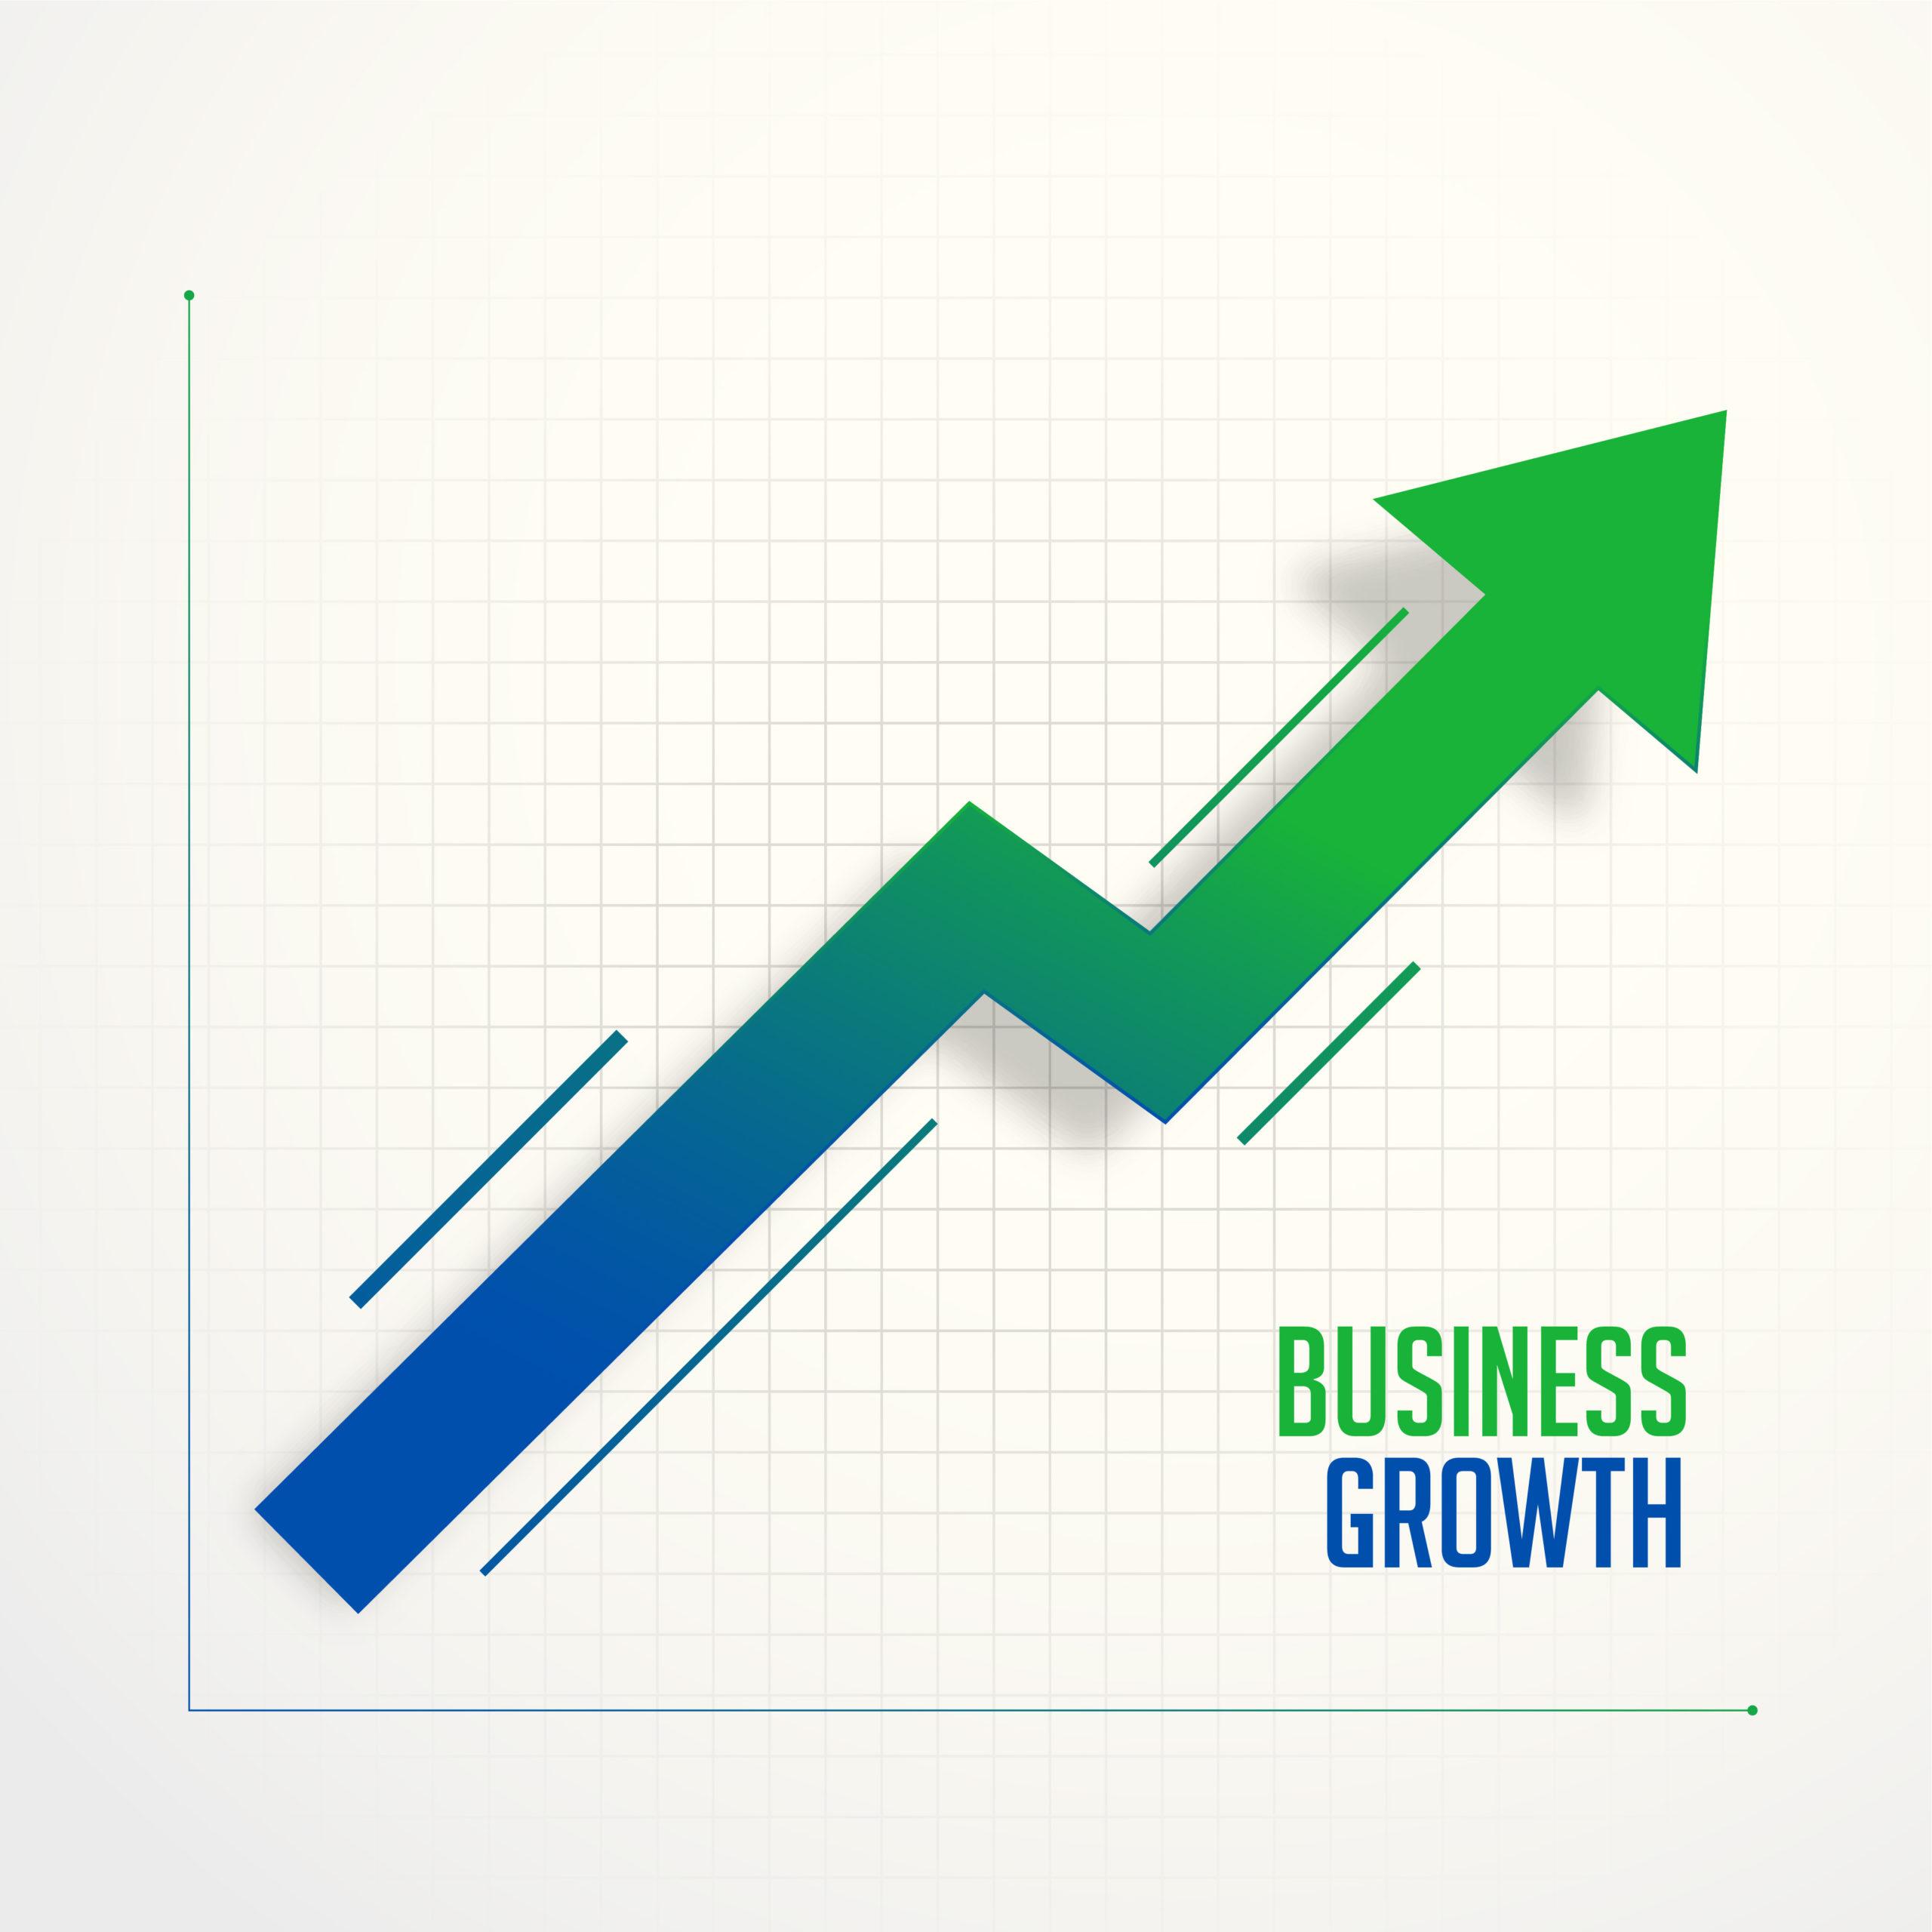 Hệ số doanh thu và lượng khách cần được phát triển song song